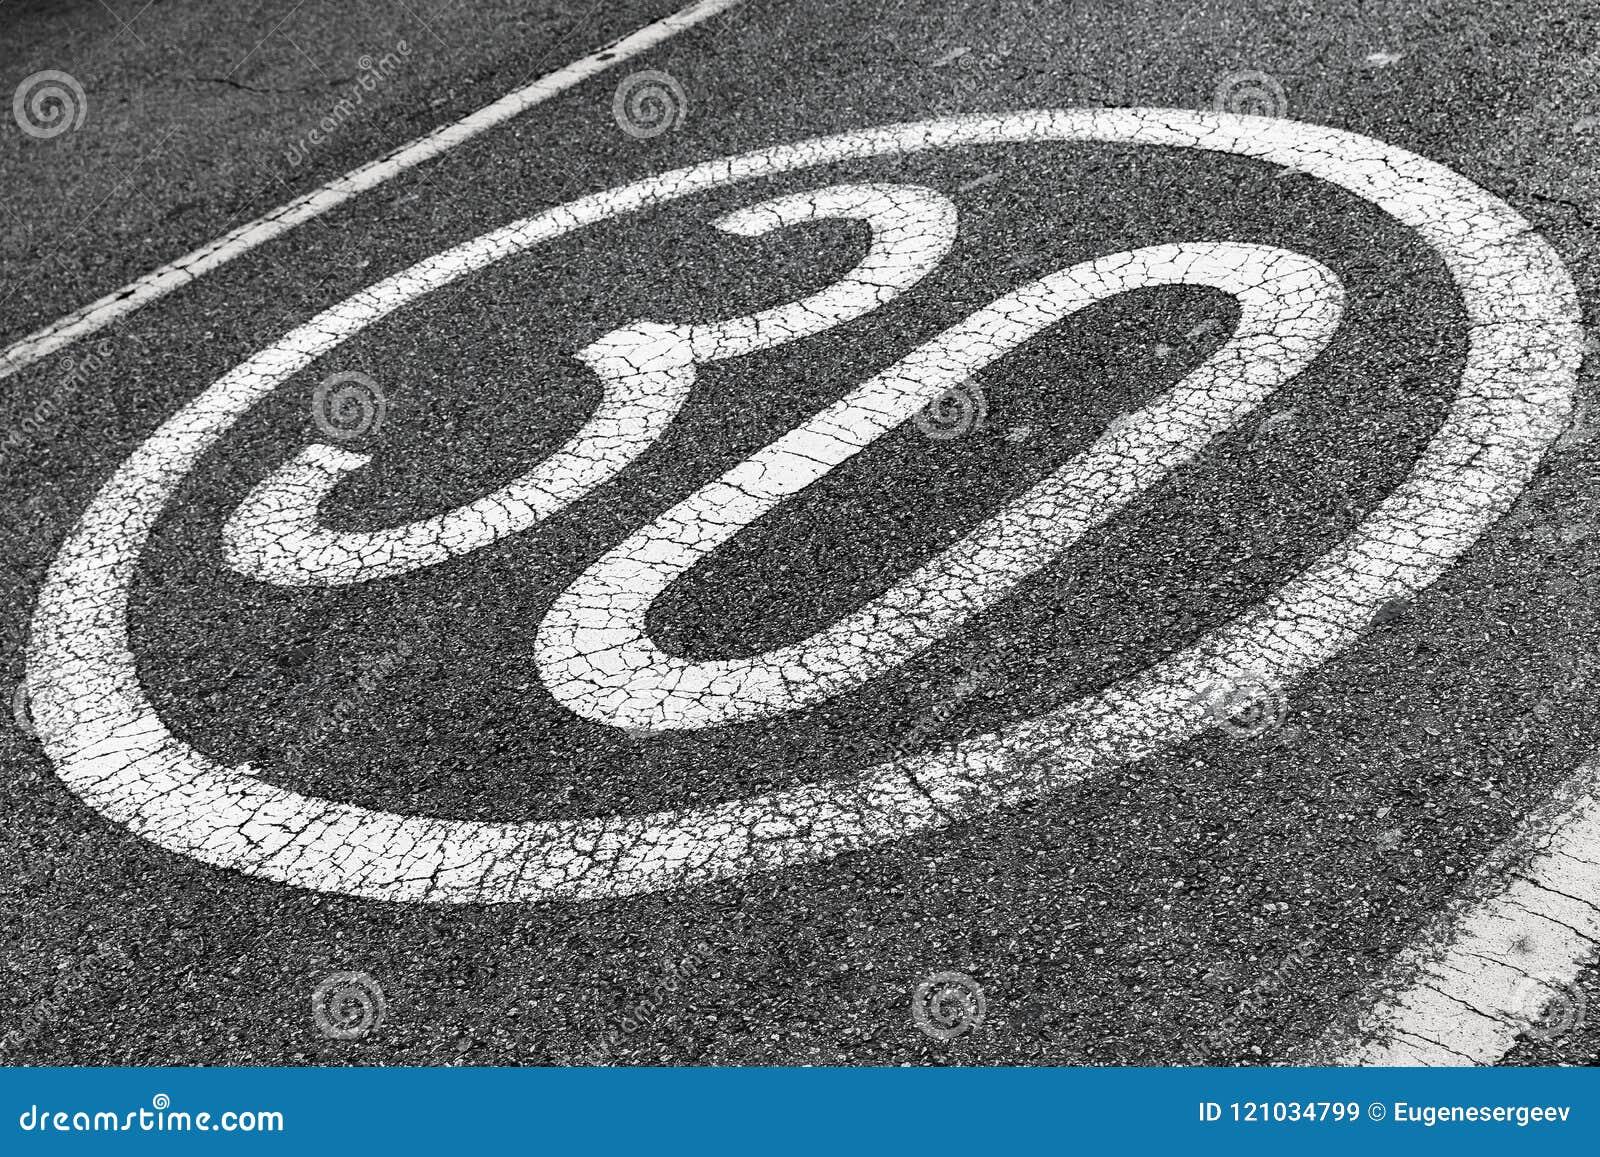 Segnaletica stradale rotonda limite di velocità